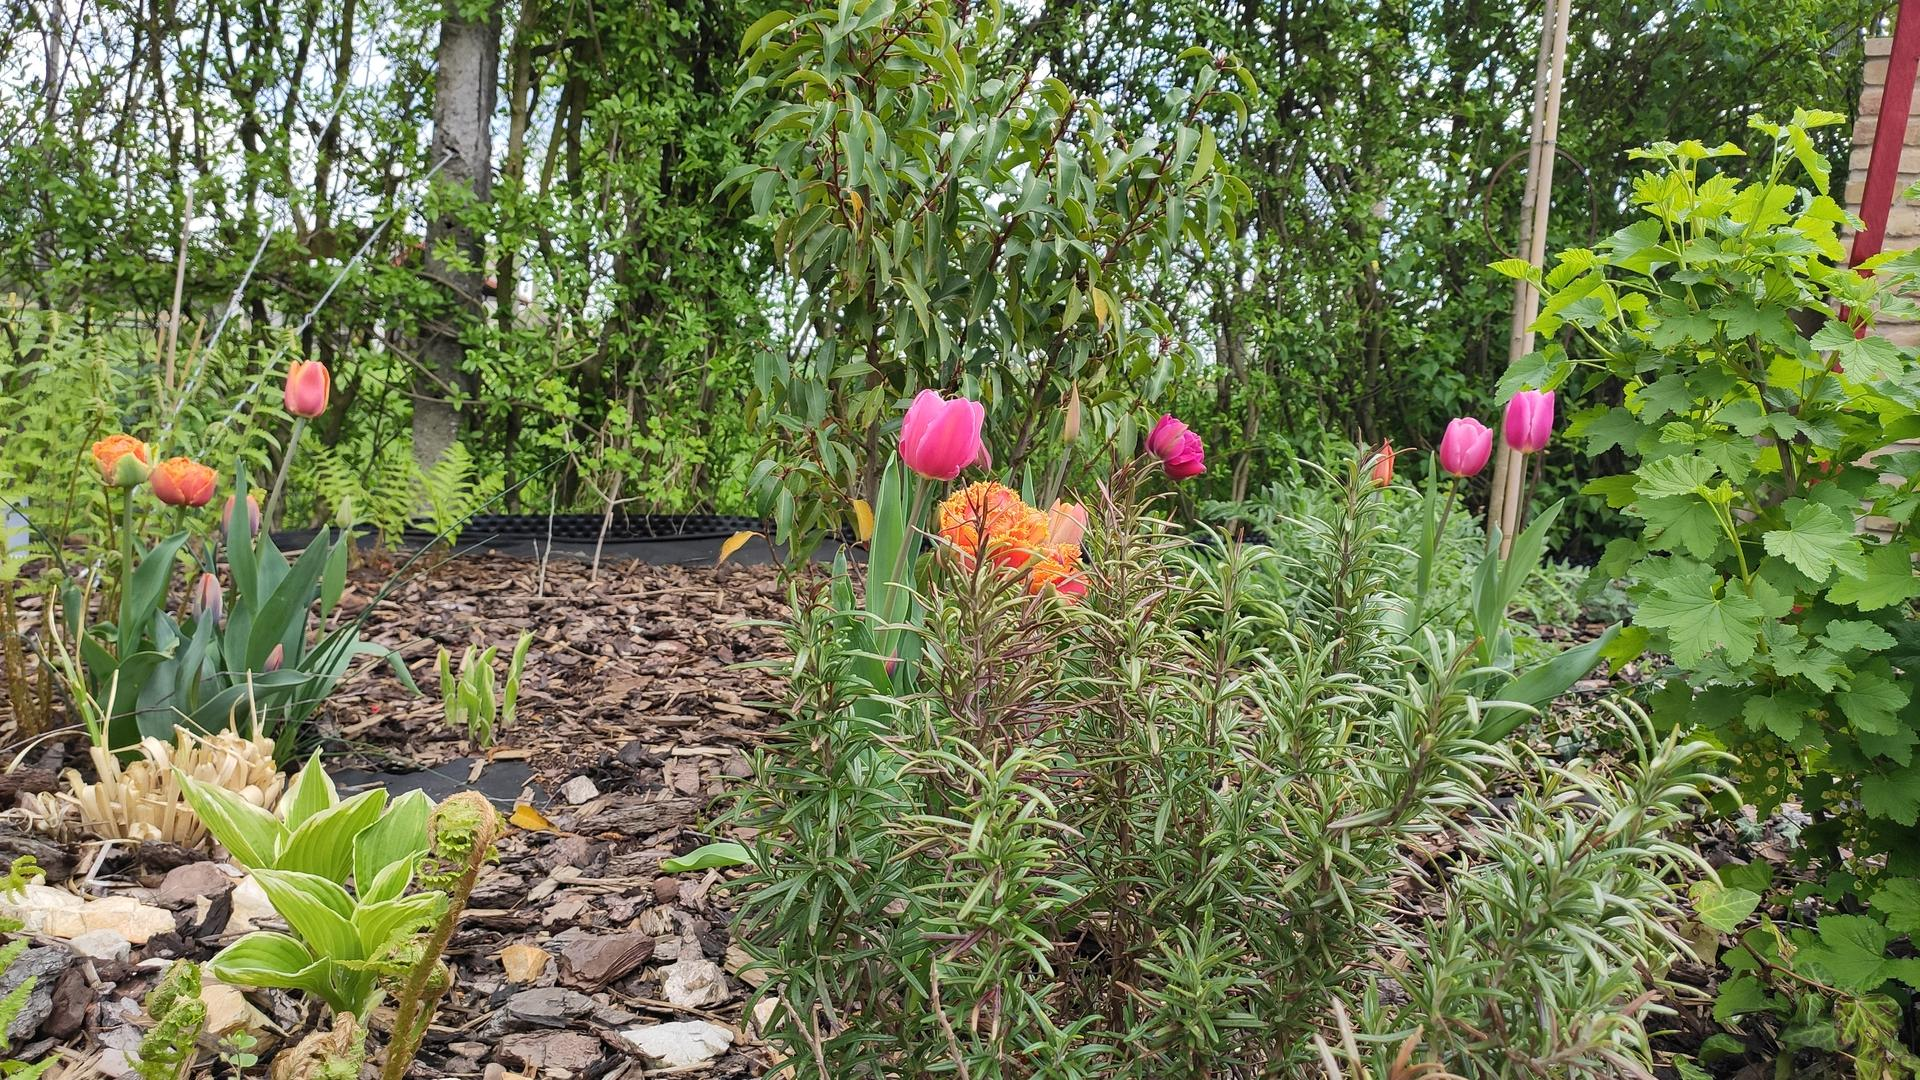 záhrada vidiecka, farebná rok 2021 - Obrázok č. 27